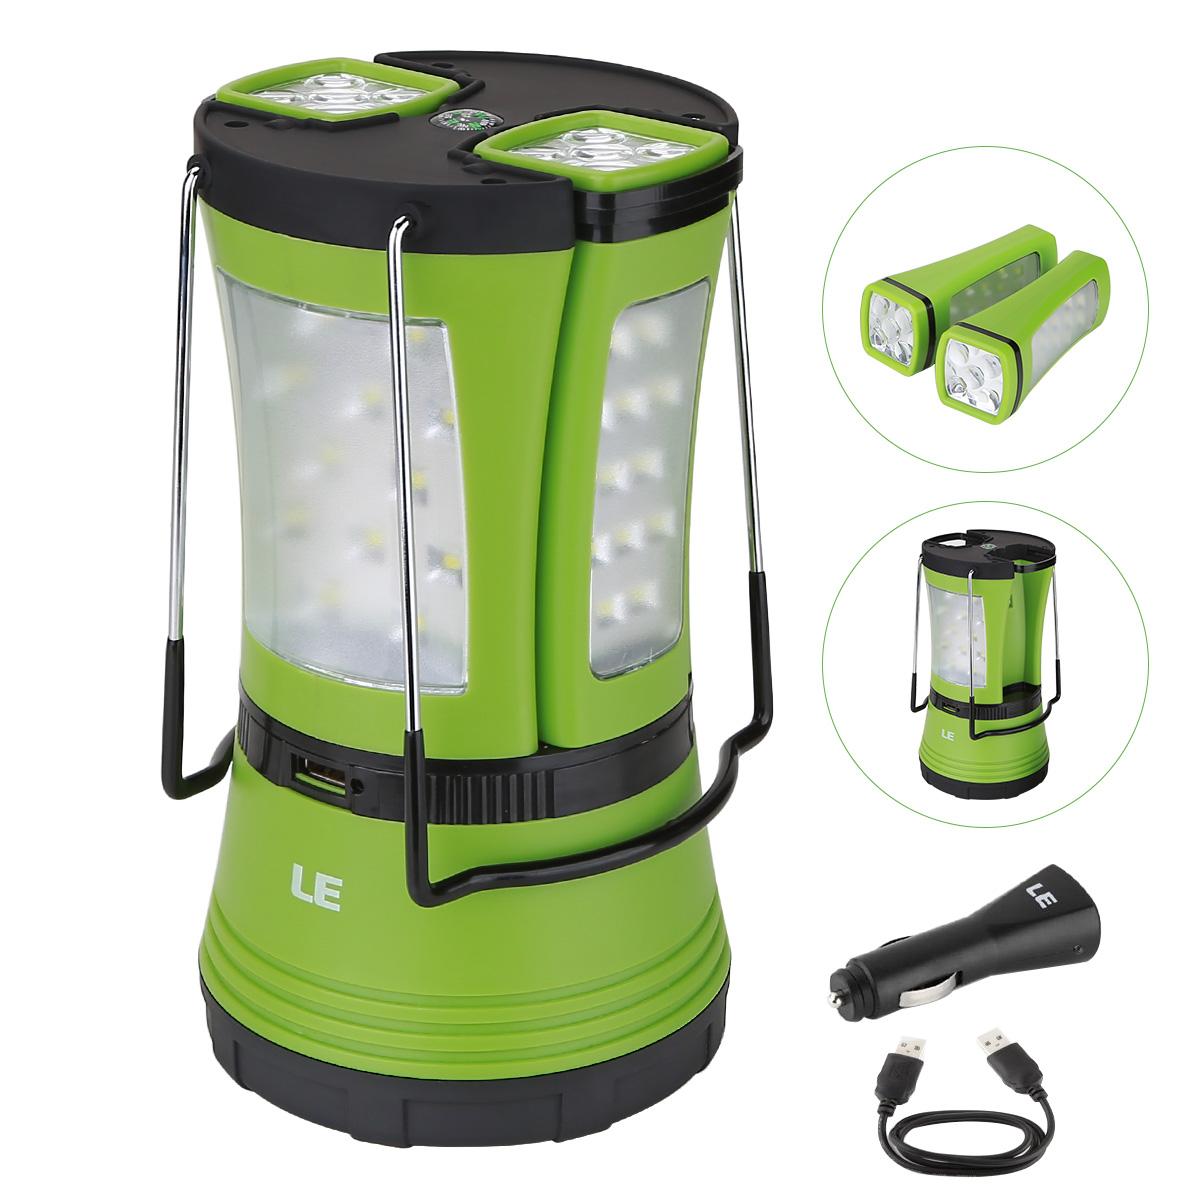 600lm Wiederaufladbare Camping Laterne mit 2 abnehmbaren Mini Taschenlampen, IPX4 Zeltleuchte, USB-Kabel + KFZ-Ladegerßt inkl.